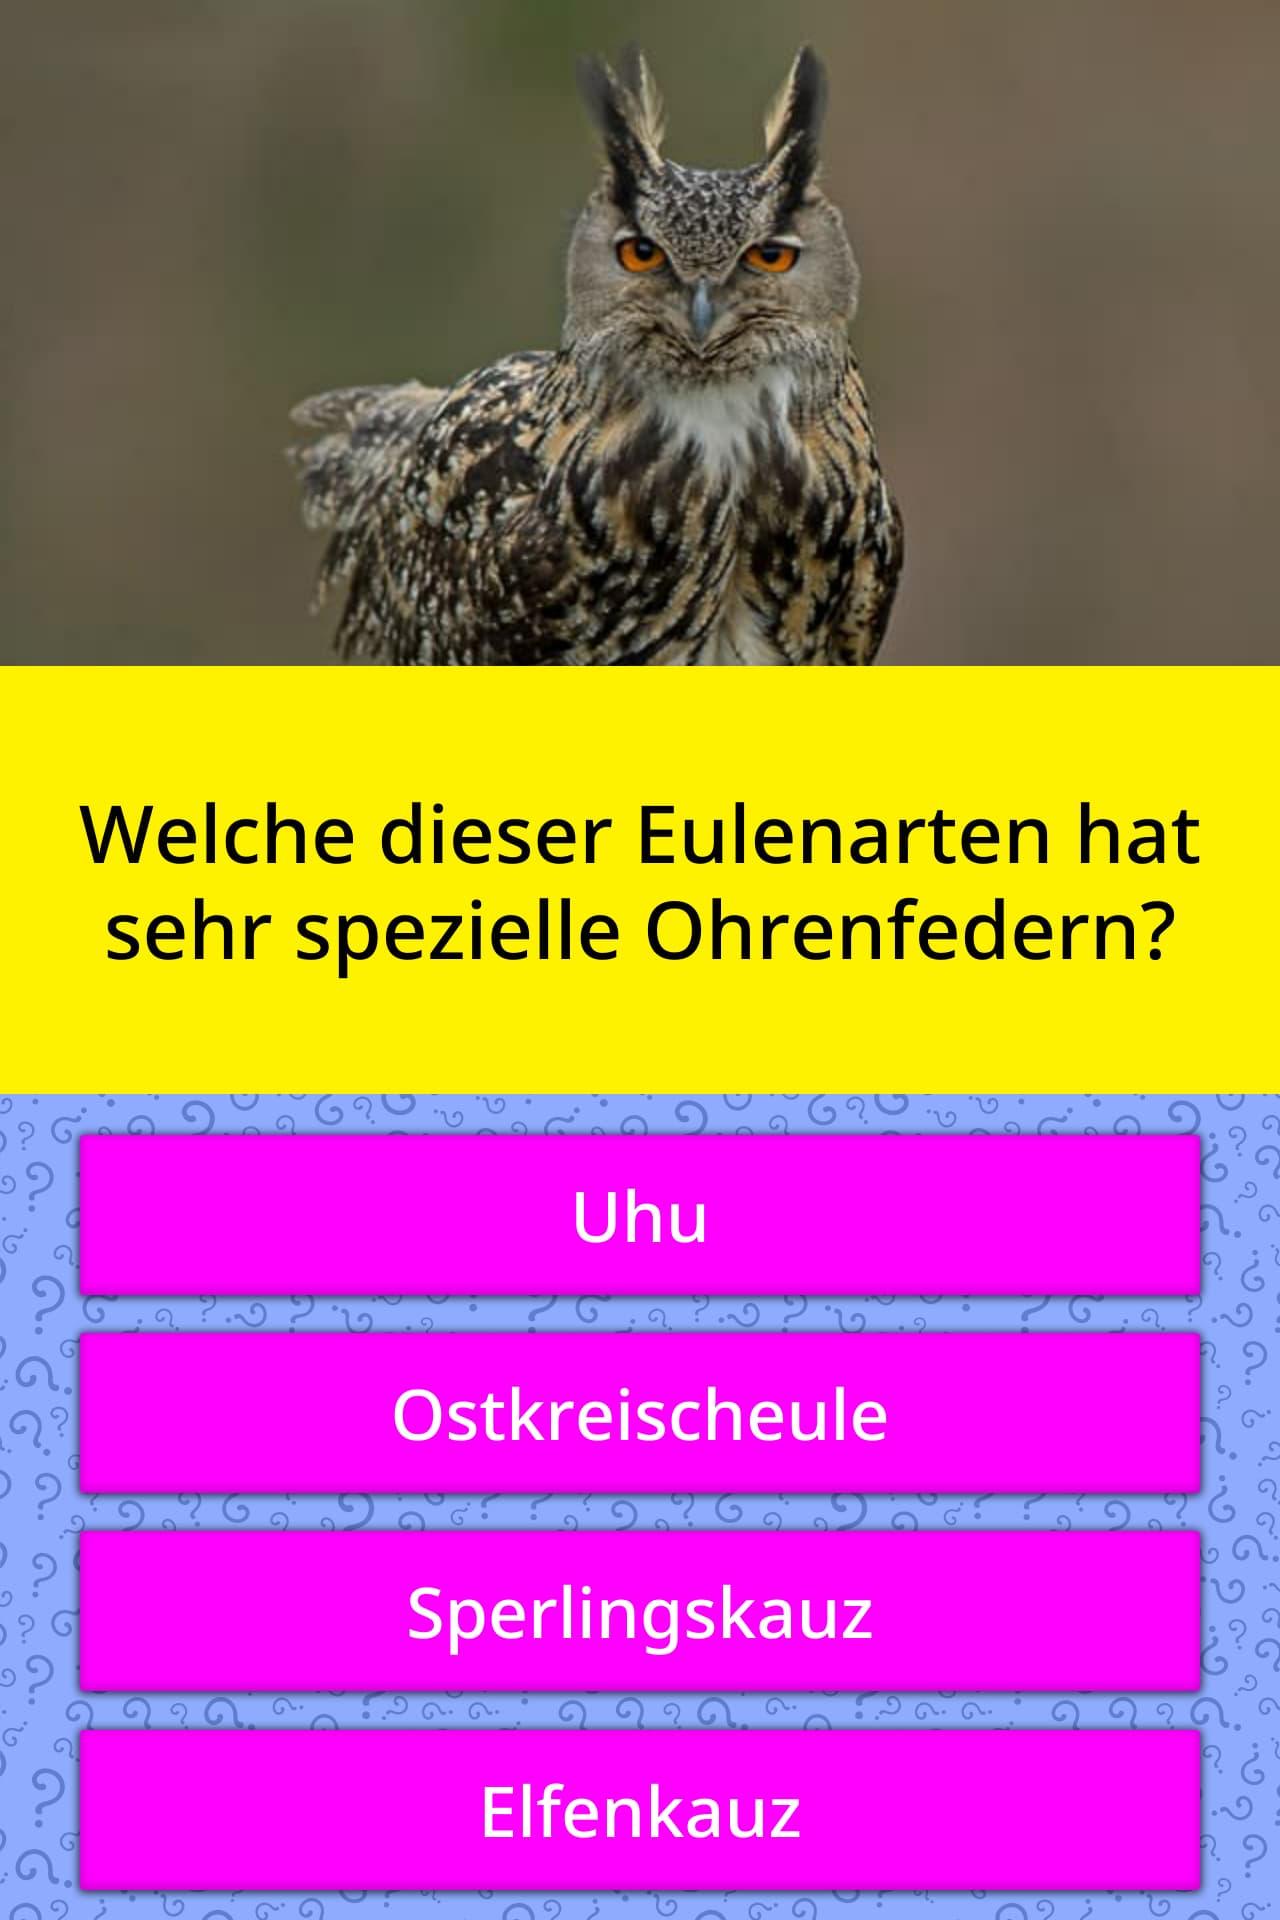 Welche dieser Eulenarten hat sehr | Quizfragen | QuizzClub